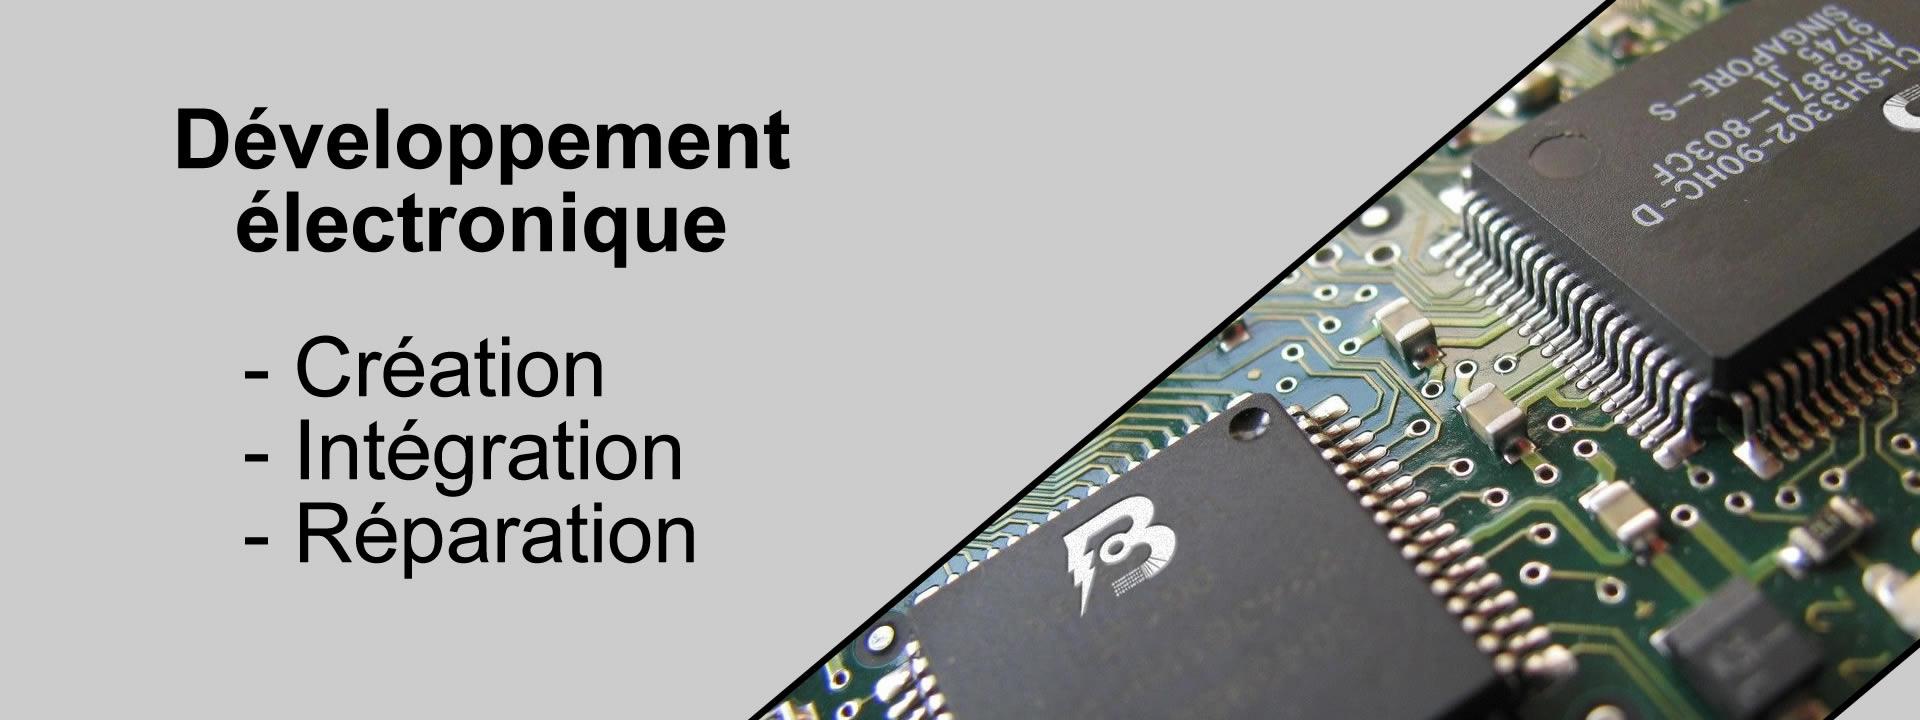 Developpement Electronique